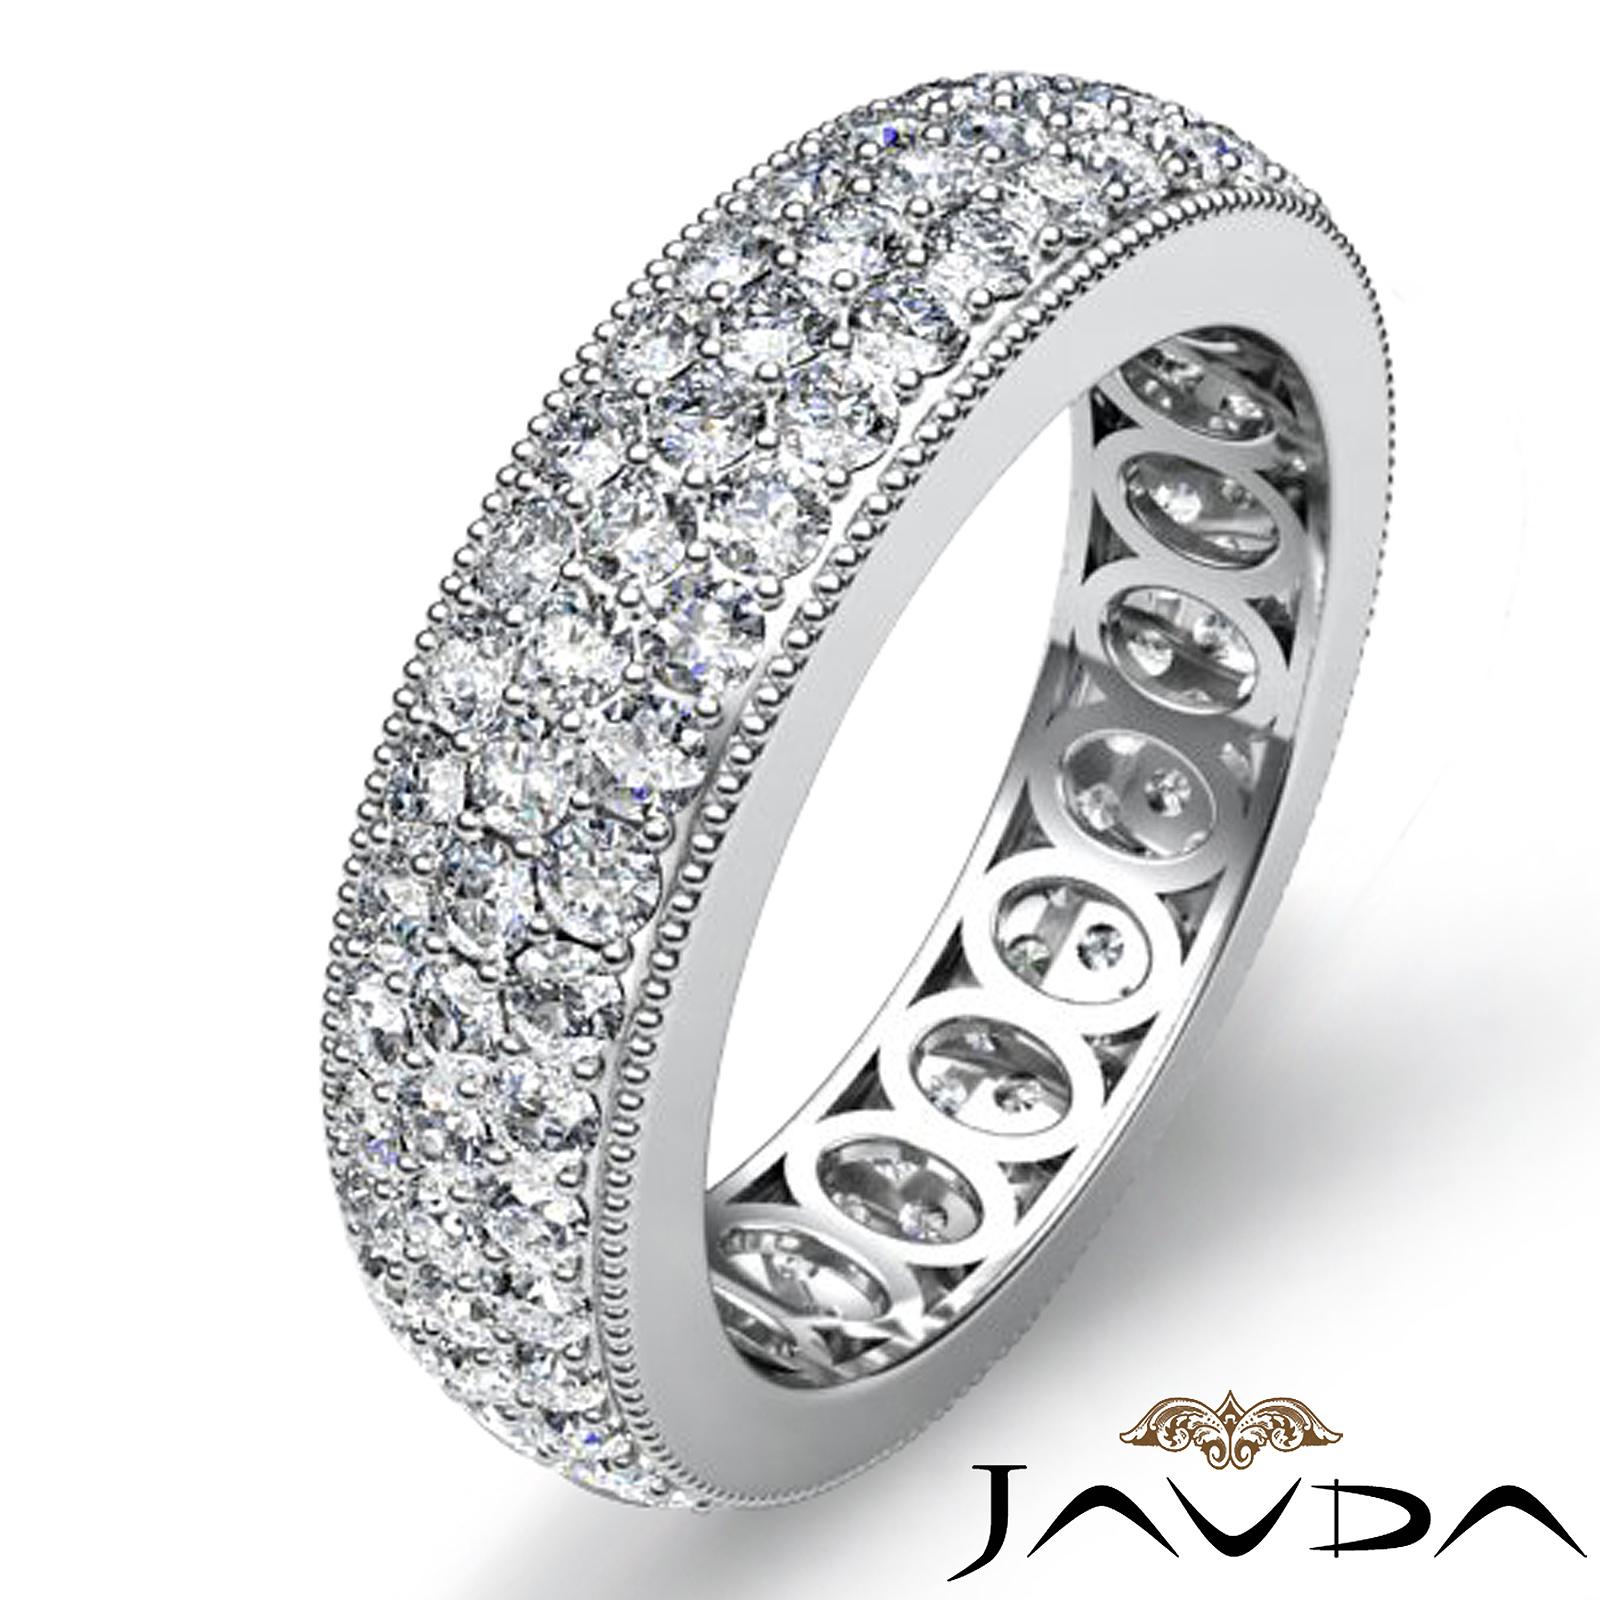 3 Row Pave Set Diamond Ring 14k White Gold Women S Wedding